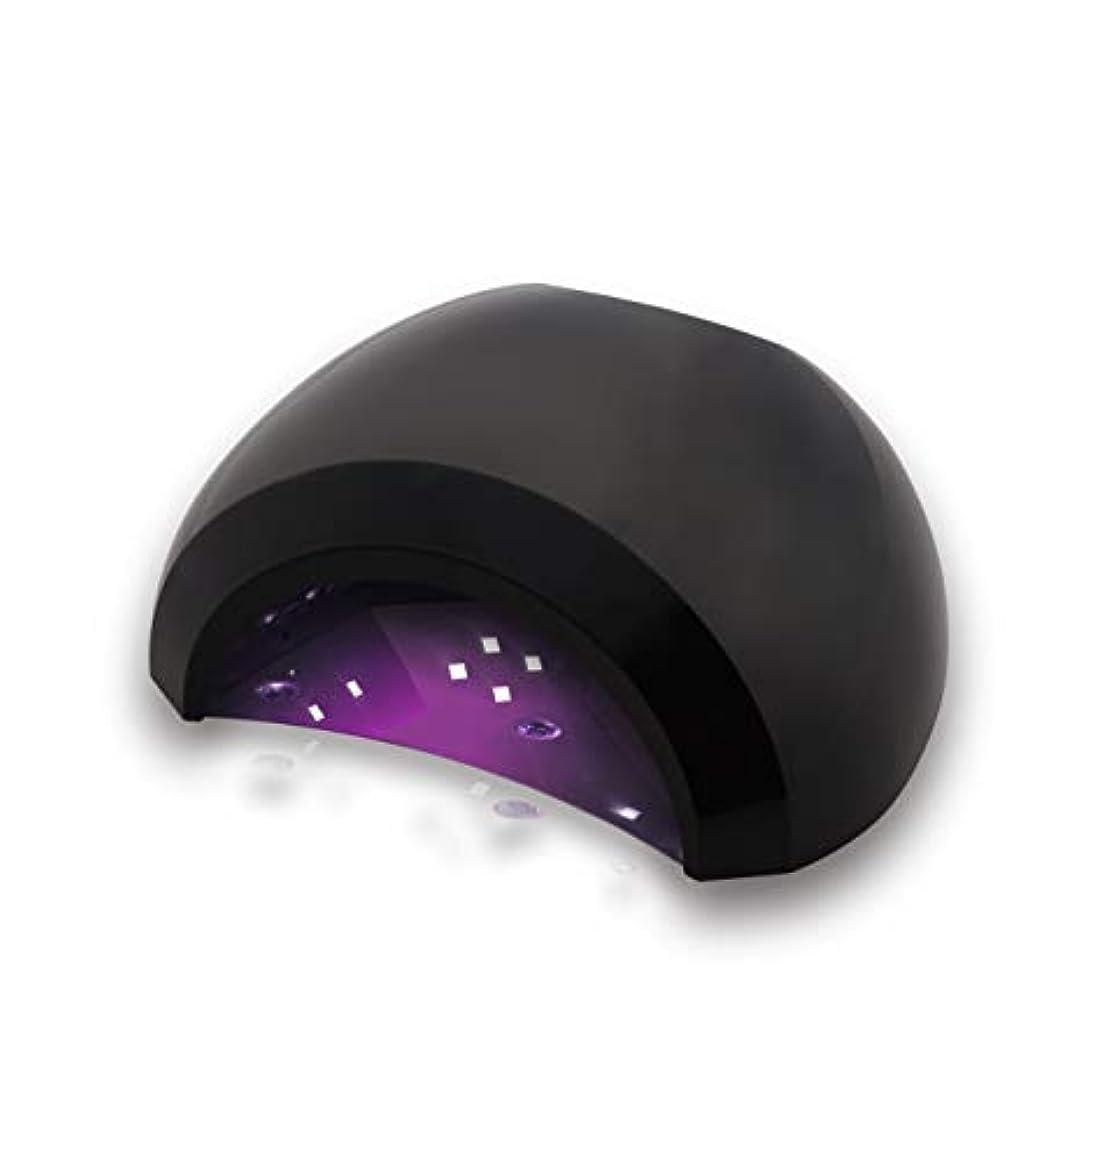 狂信者キノコ微弱Aokitec UV LED ネイルドライヤー 48w高速硬化ネイルライト 人感センサーとタイマー付 時間メモリ 手足両用ネイルランプ 全ジェル対応 レジンにも使える 日本語説明書付【一年間保証】 …